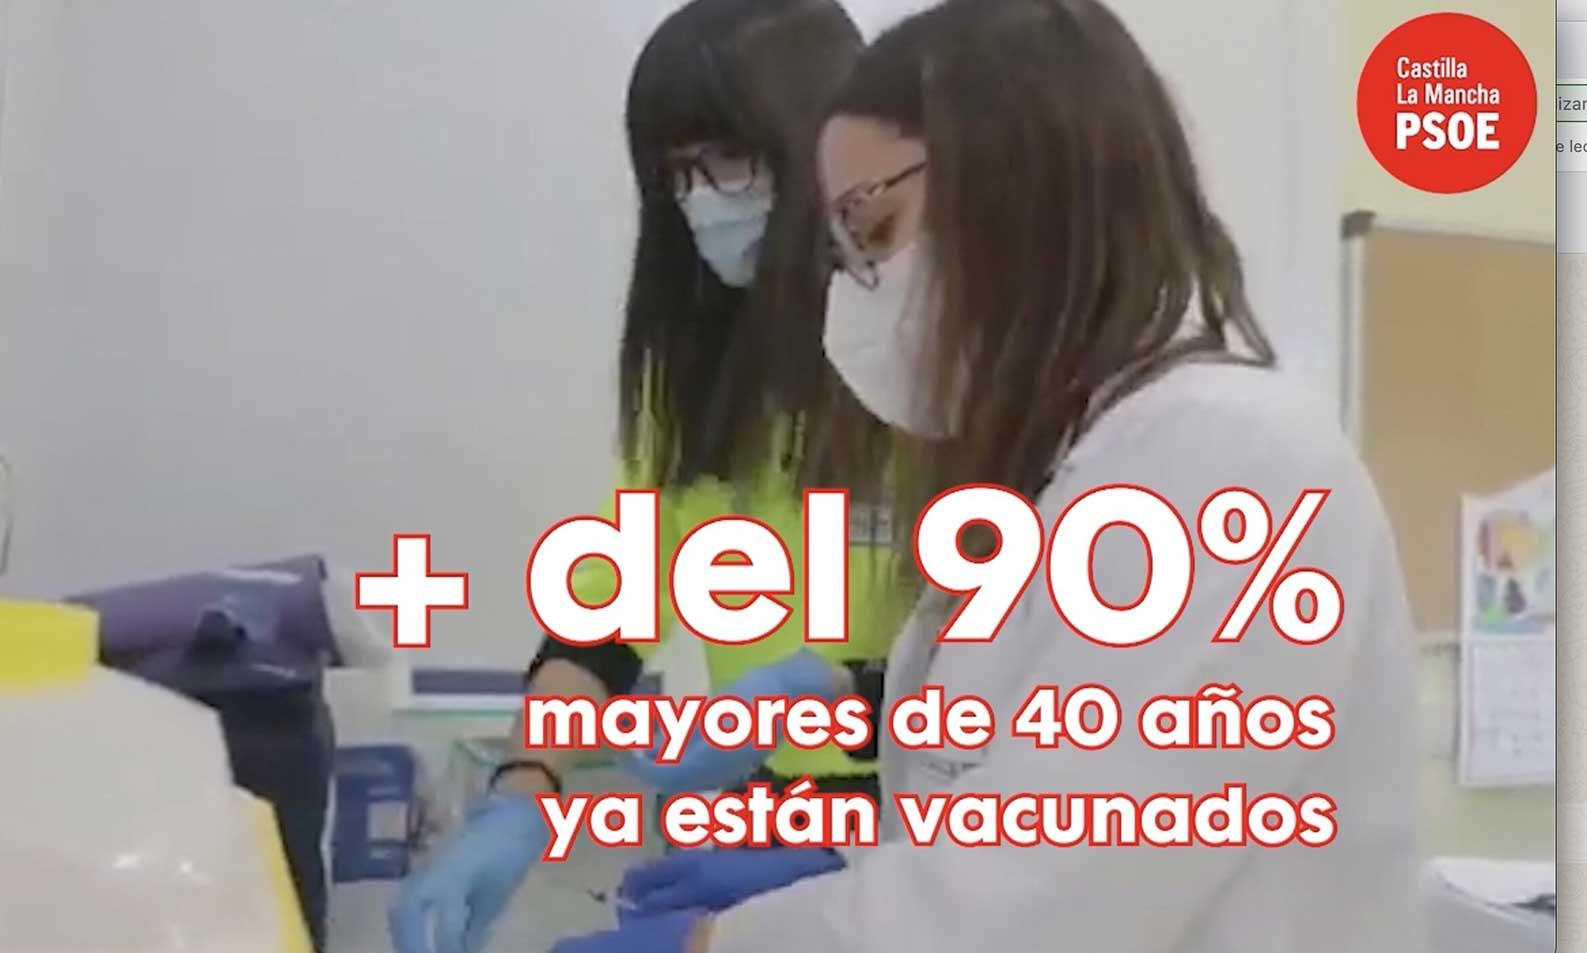 """El PSOE publica un vídeo sobre la vacunación en CLM: """"Frente a los que se apoyaron en el miedo, la esperanza y la verdad caminan de la mano"""""""